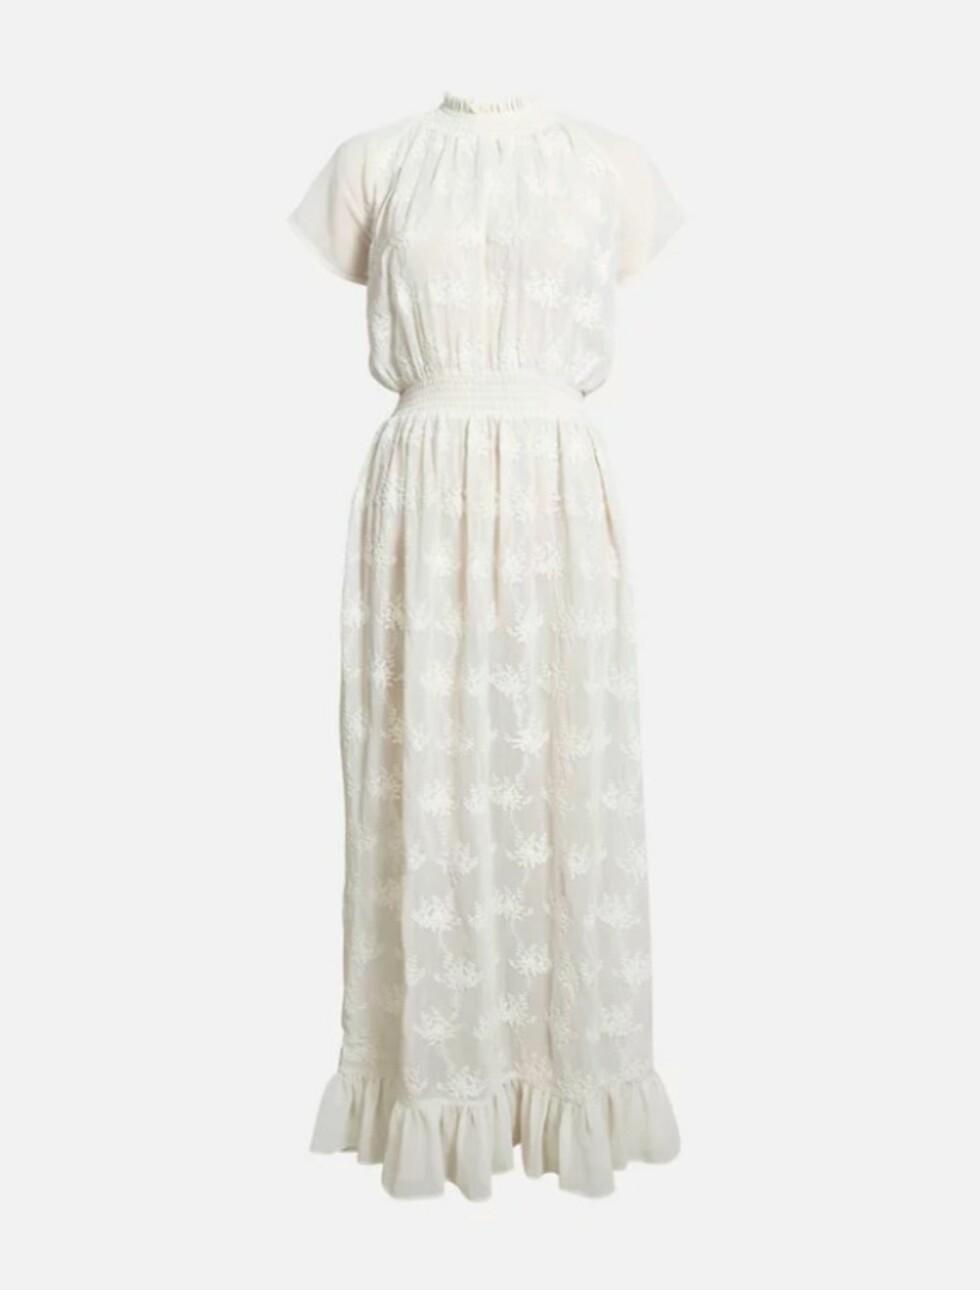 Kjole fra Bik Bok  599,-  https://bikbok.com/no/p/kjoler/juliet-kjole/7221992_F900